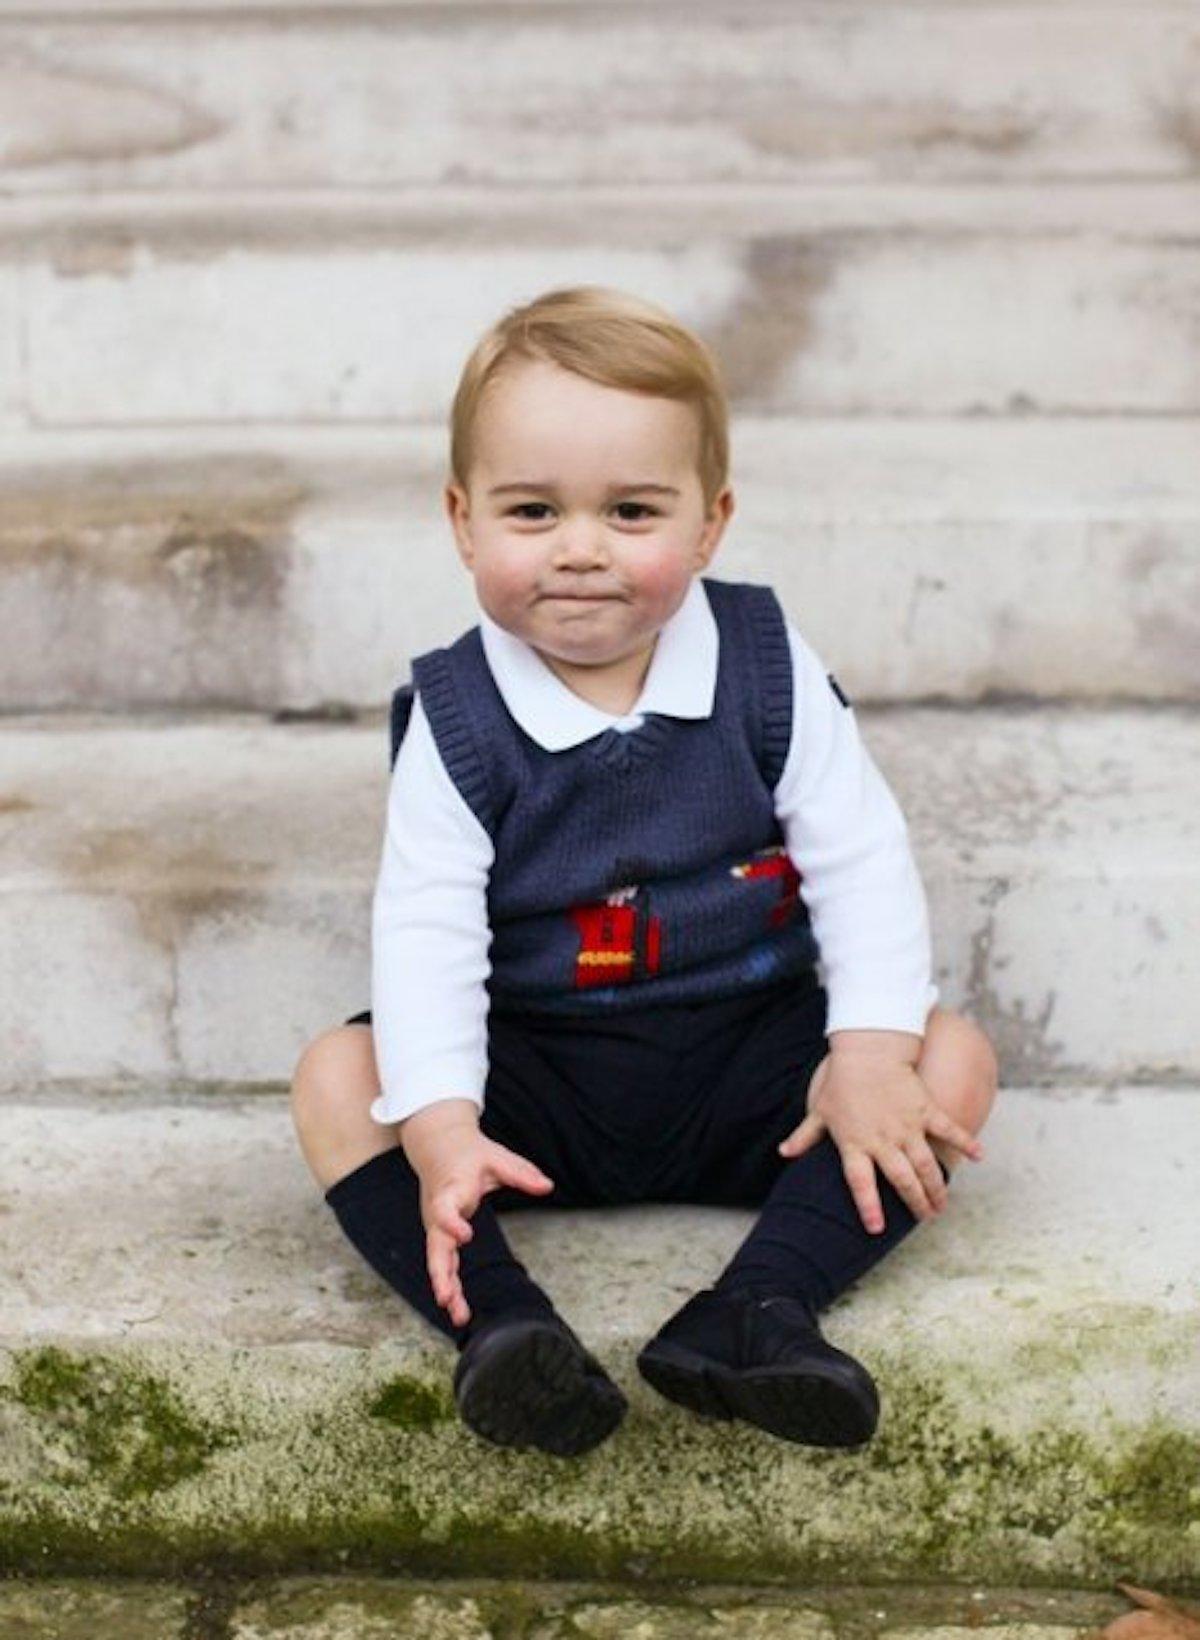 Baby george principe compleanno foto 8 anni